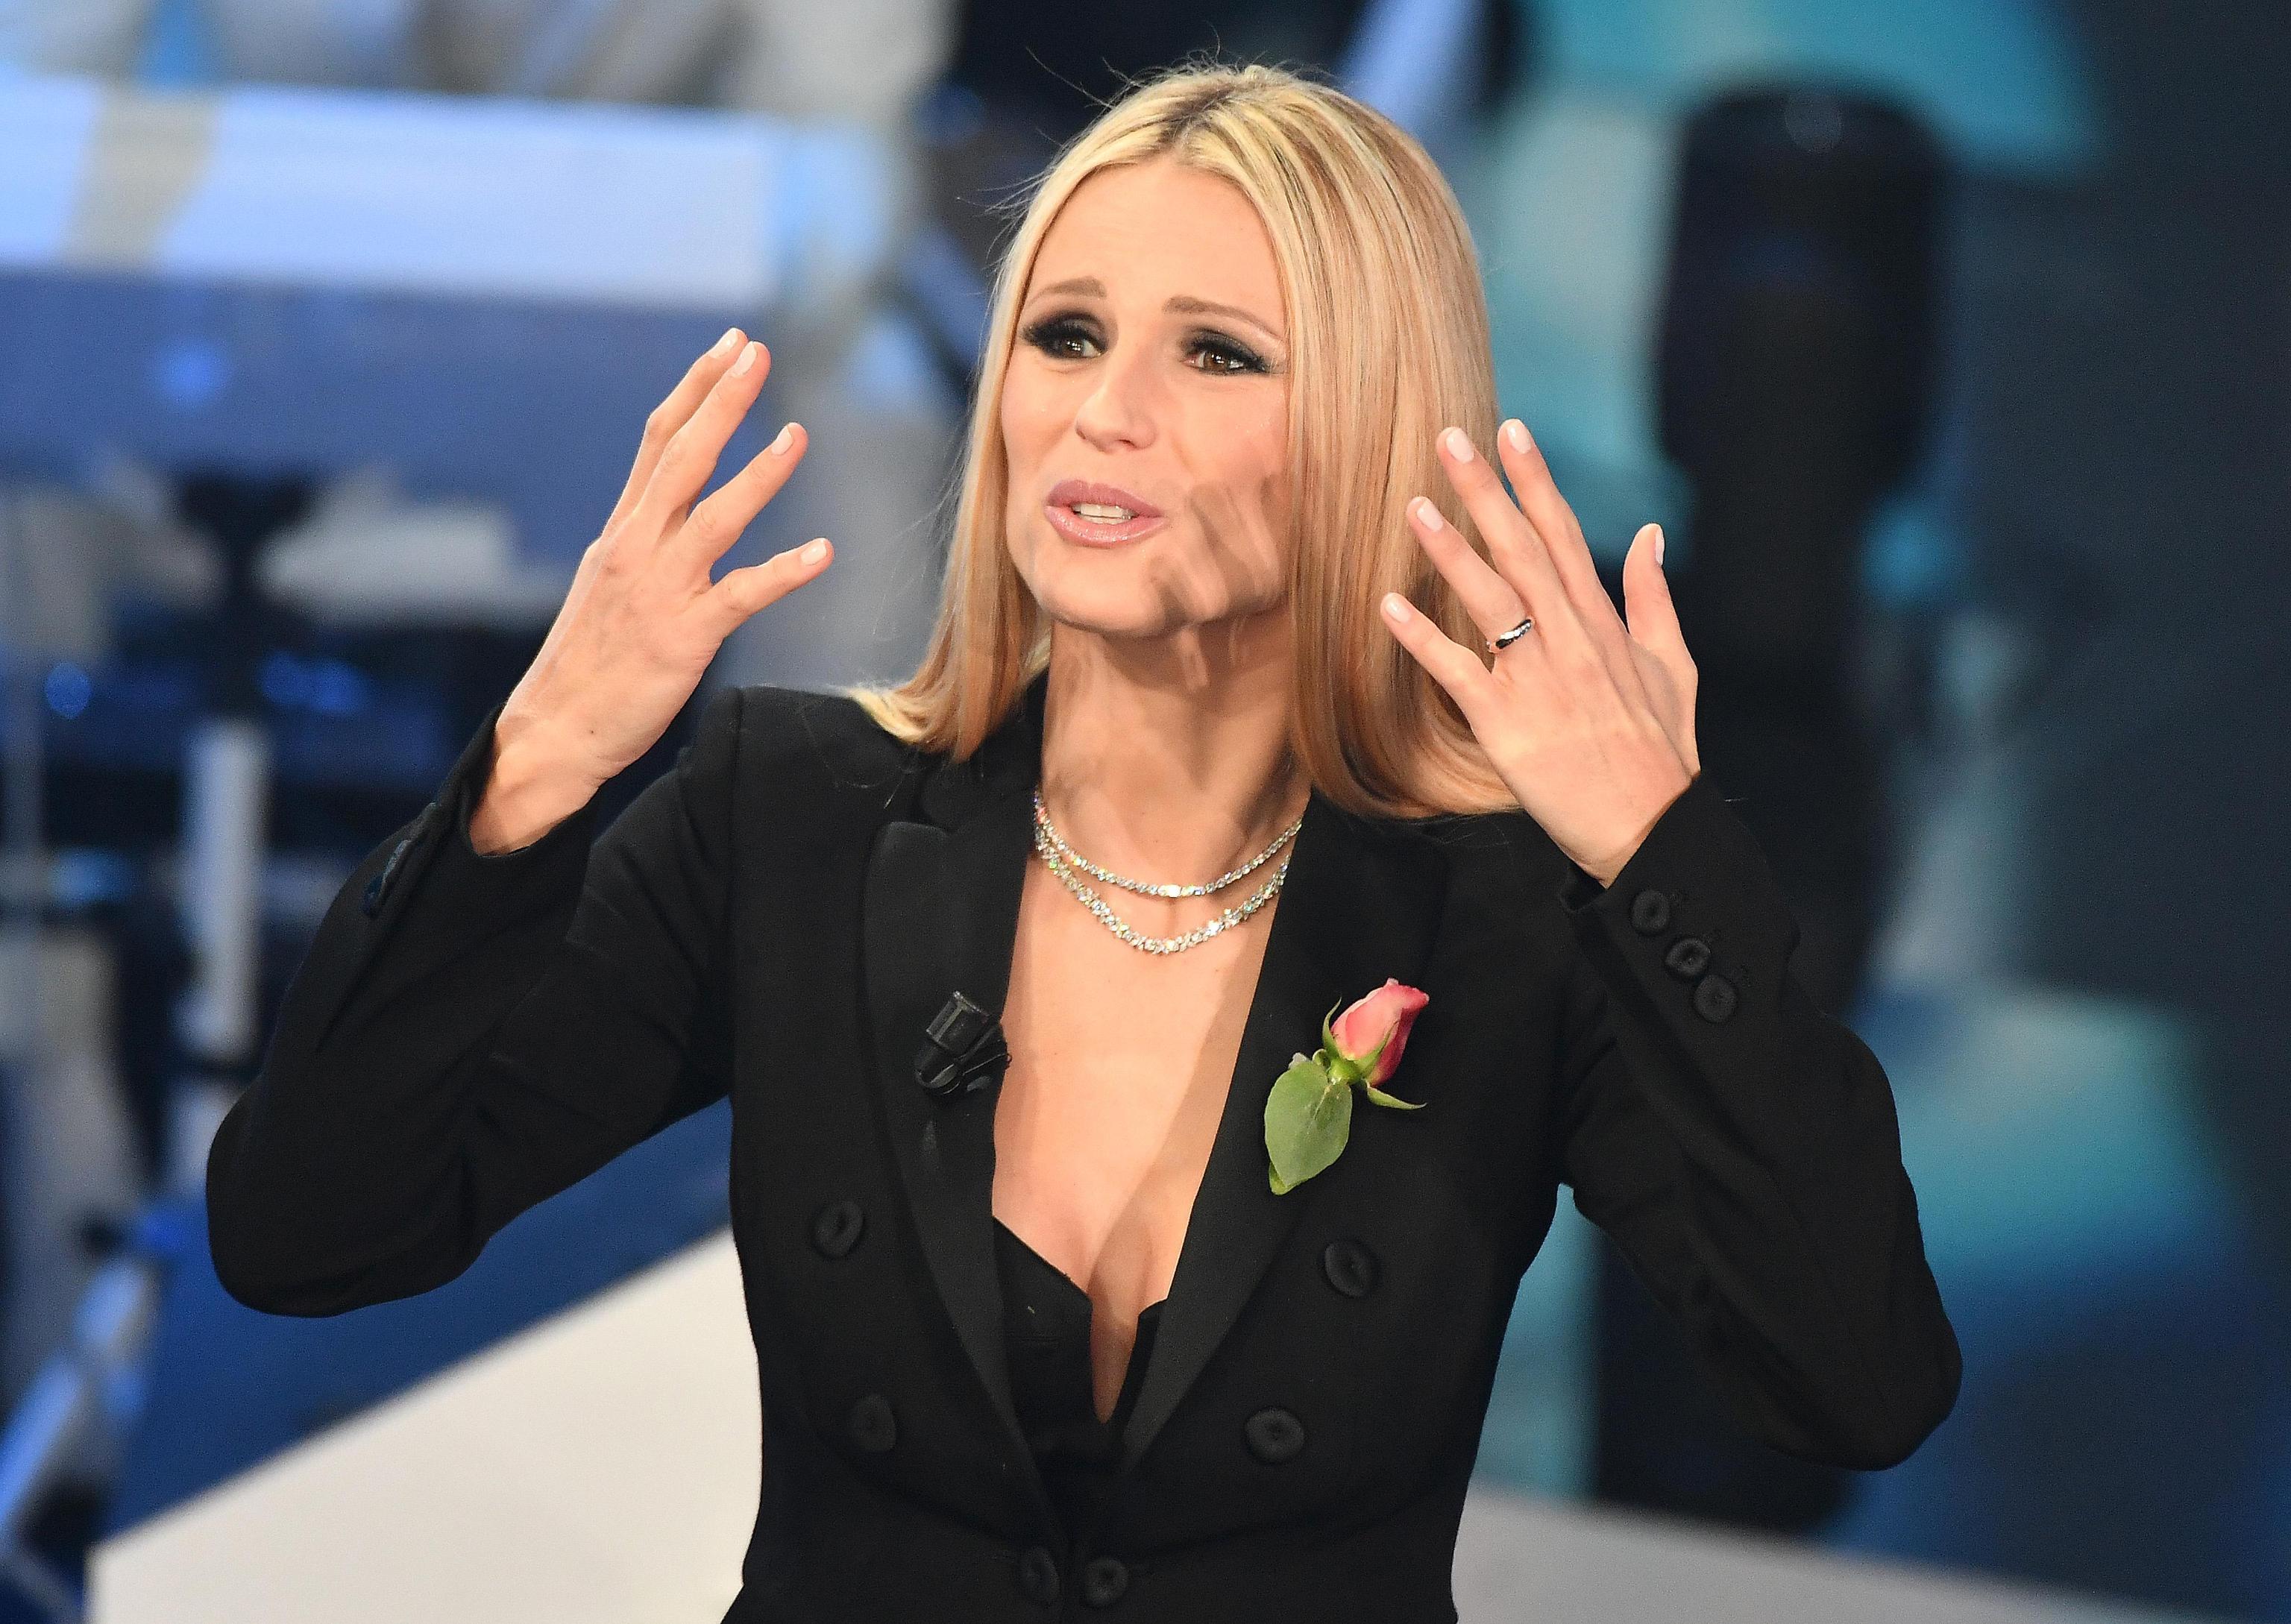 Michelle Hunziker con gioielli Tiffany quarta puntata